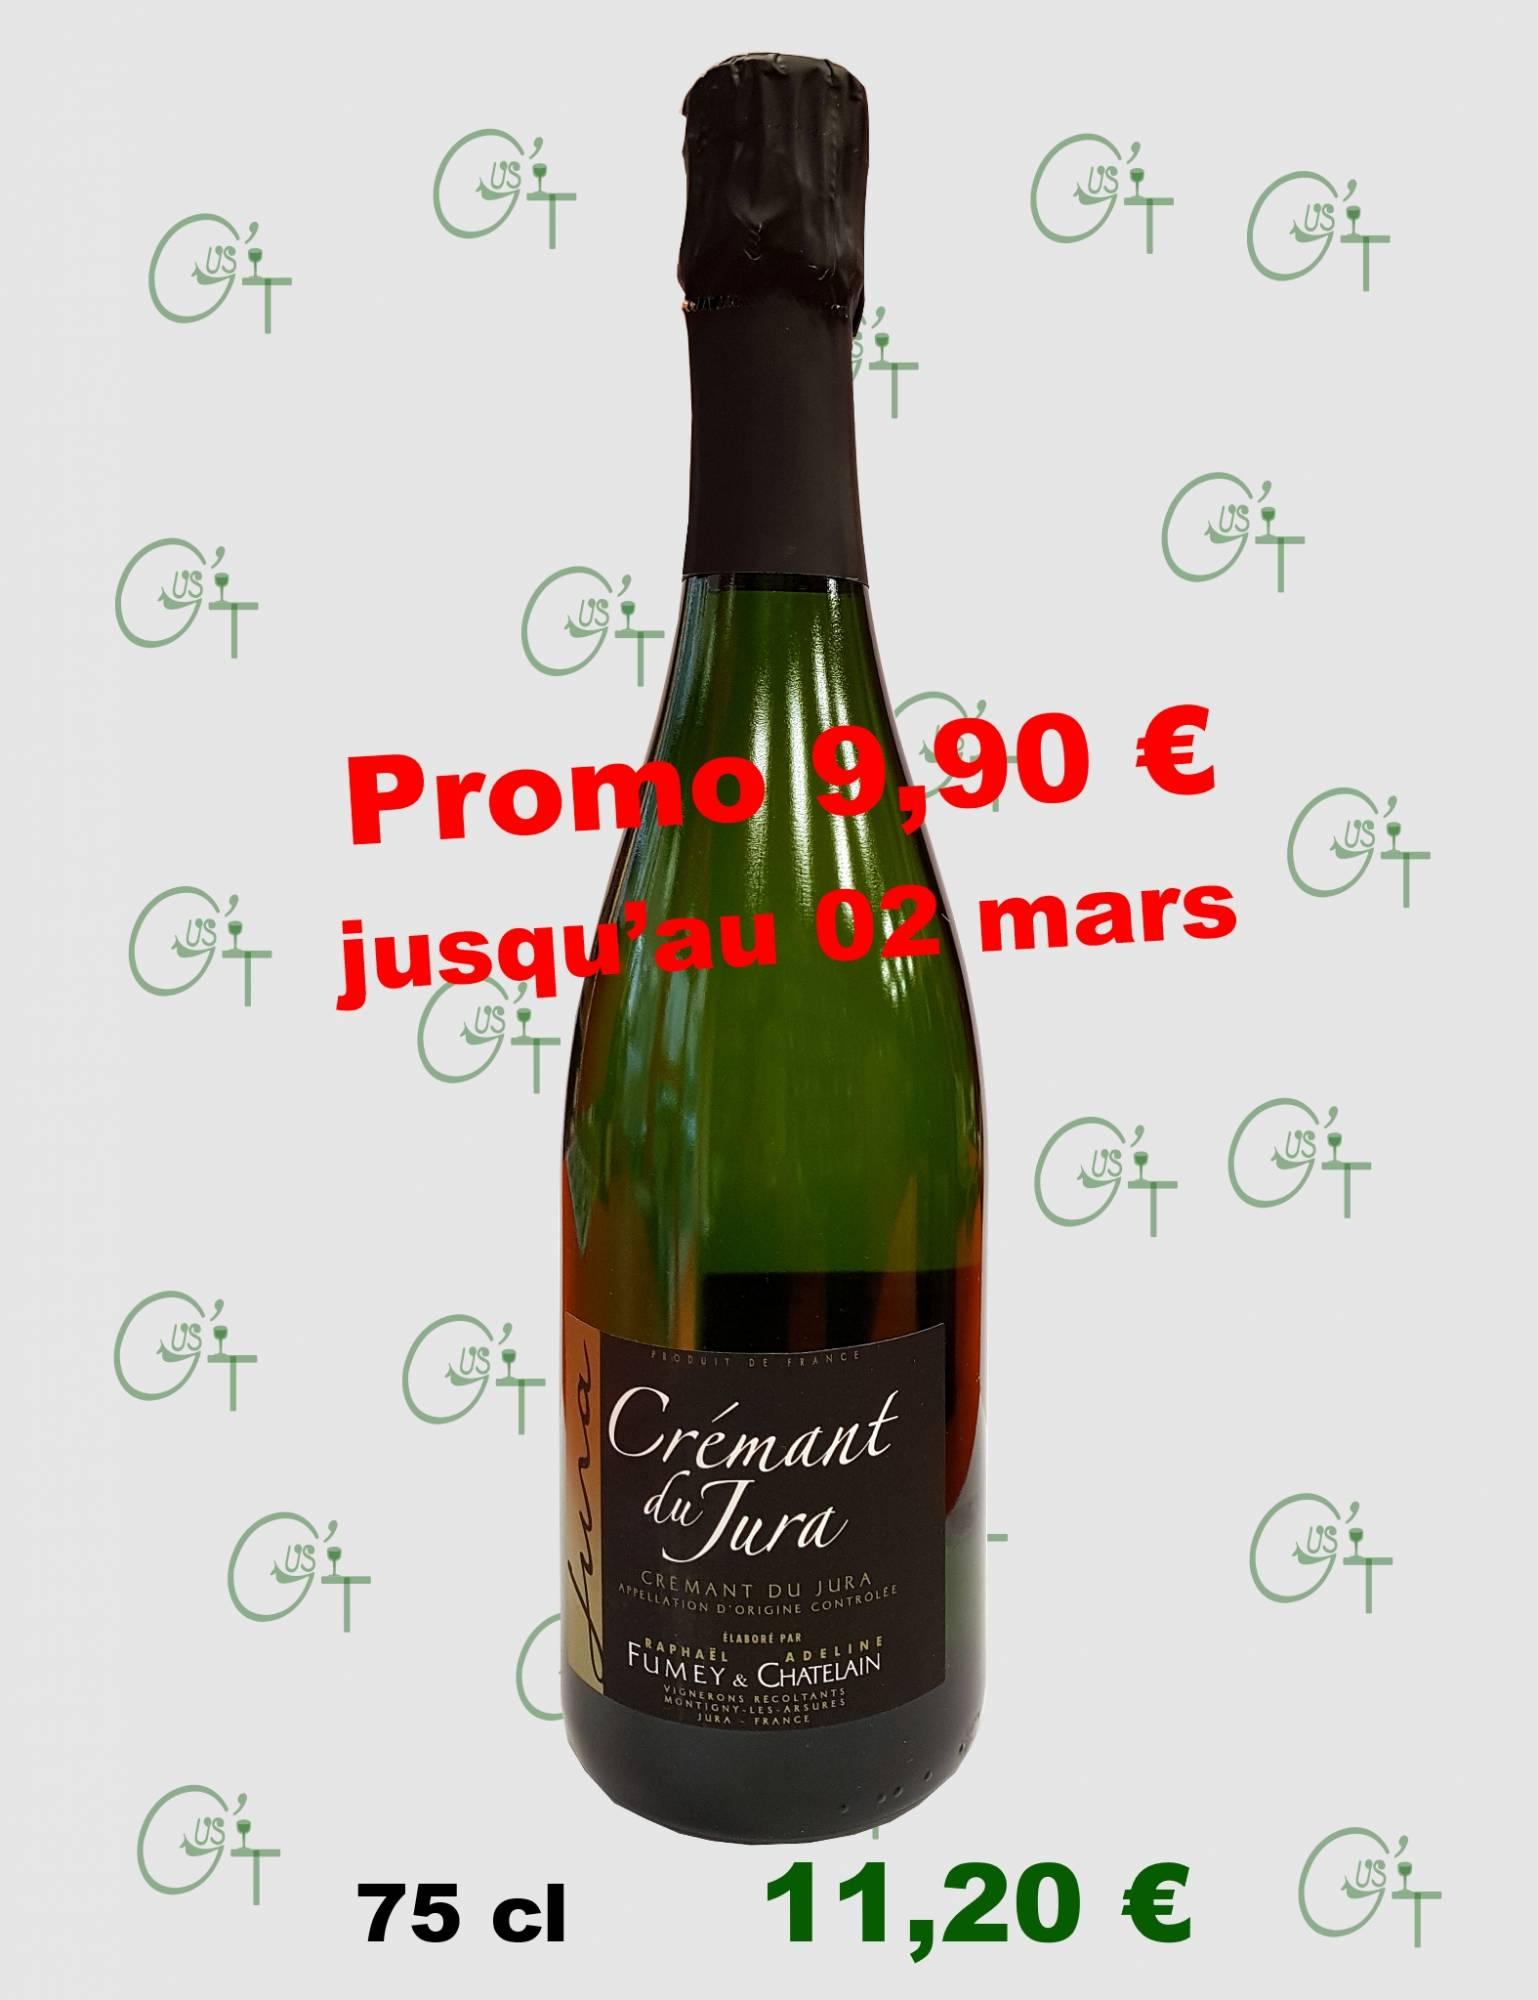 Achat vin Clos-fourtet : comment se passe la culture des vignes à Clos-fourtet ?